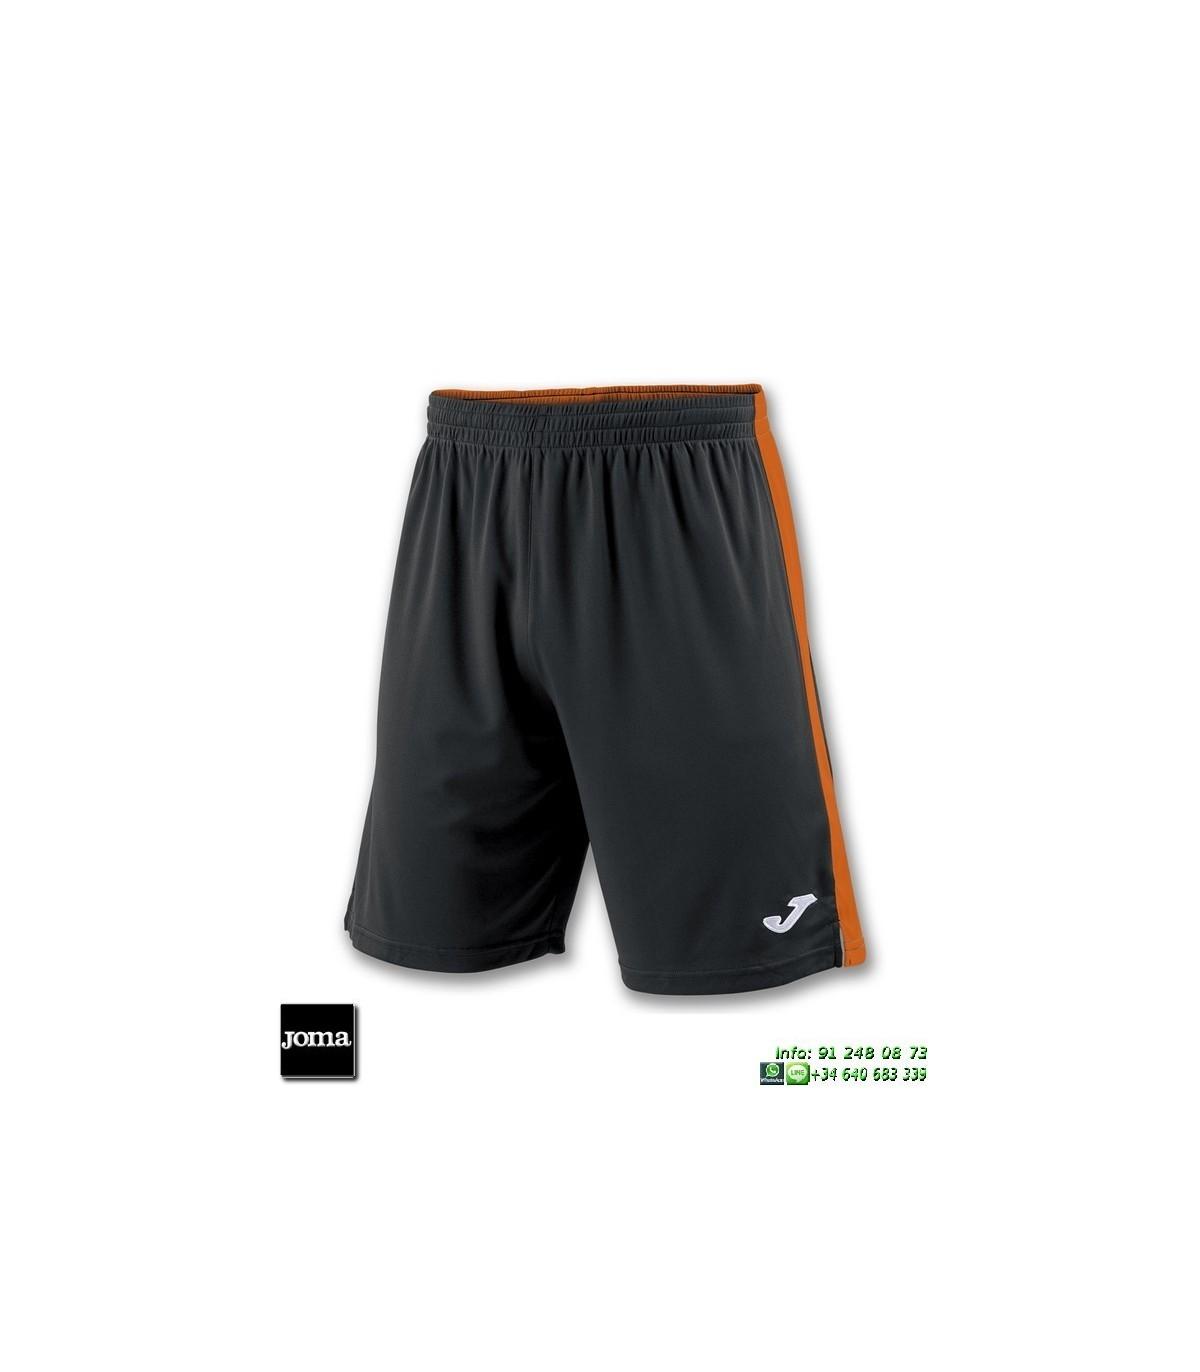 54b89f019c JOMA Pantalon Corto TOKIO II SHORT Futbol NEGRO NARANJA 100684.108